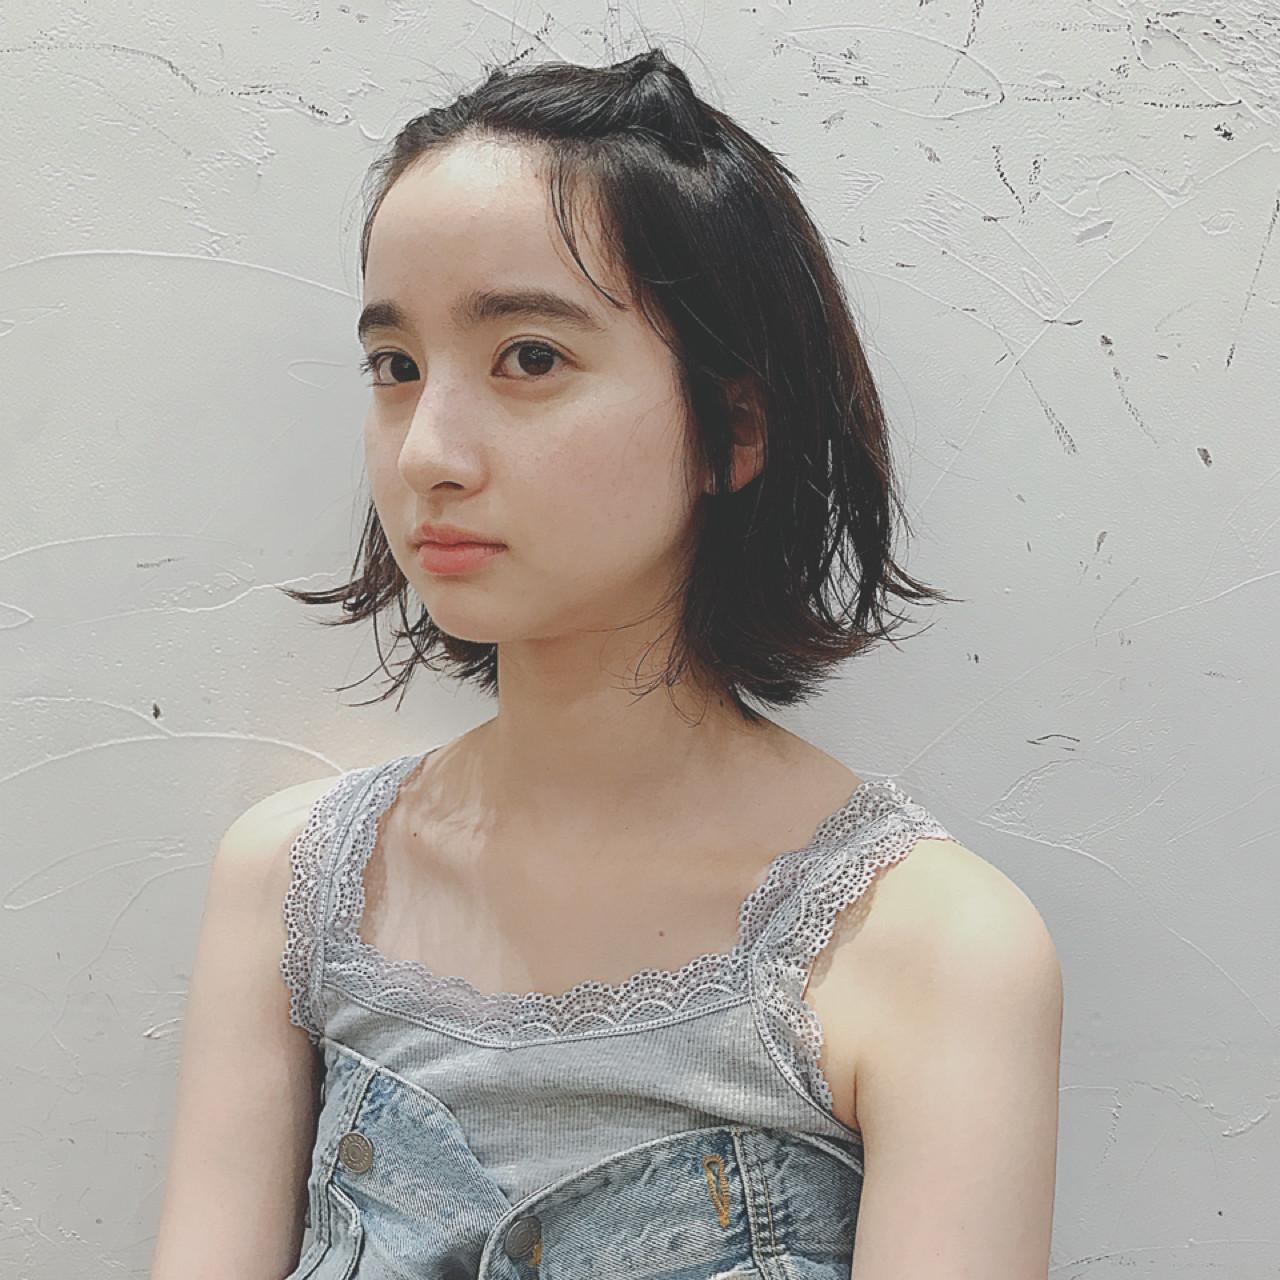 簡単ヘアアレンジ 涼しげ 猫耳 ナチュラル ヘアスタイルや髪型の写真・画像 | NEUTRAL 中園 香峰 / NEUTRAL produced by GARDEN